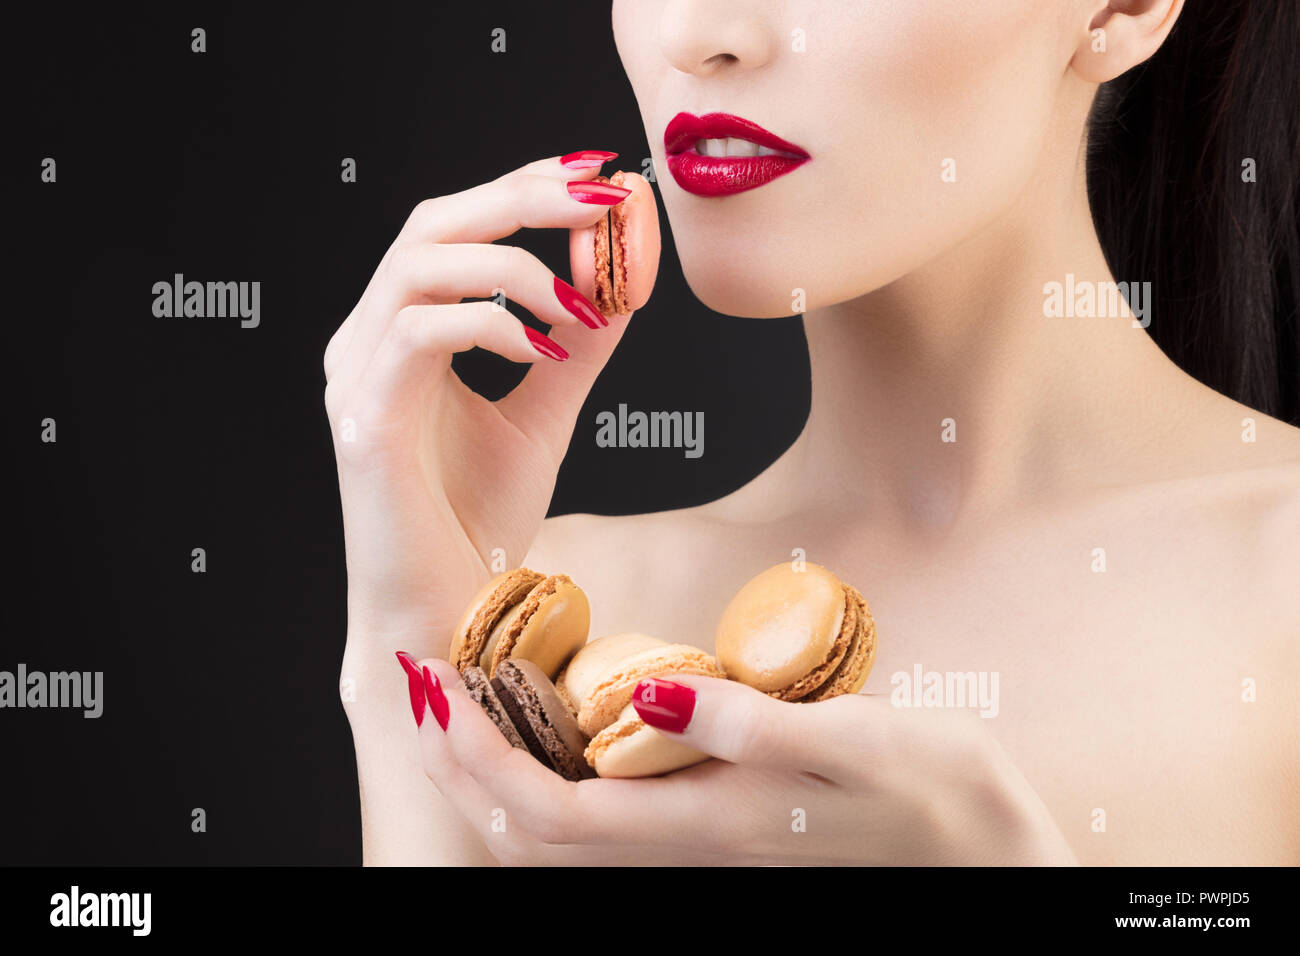 Girato a tenuta di una ragazza godendo un amaretto Immagini Stock